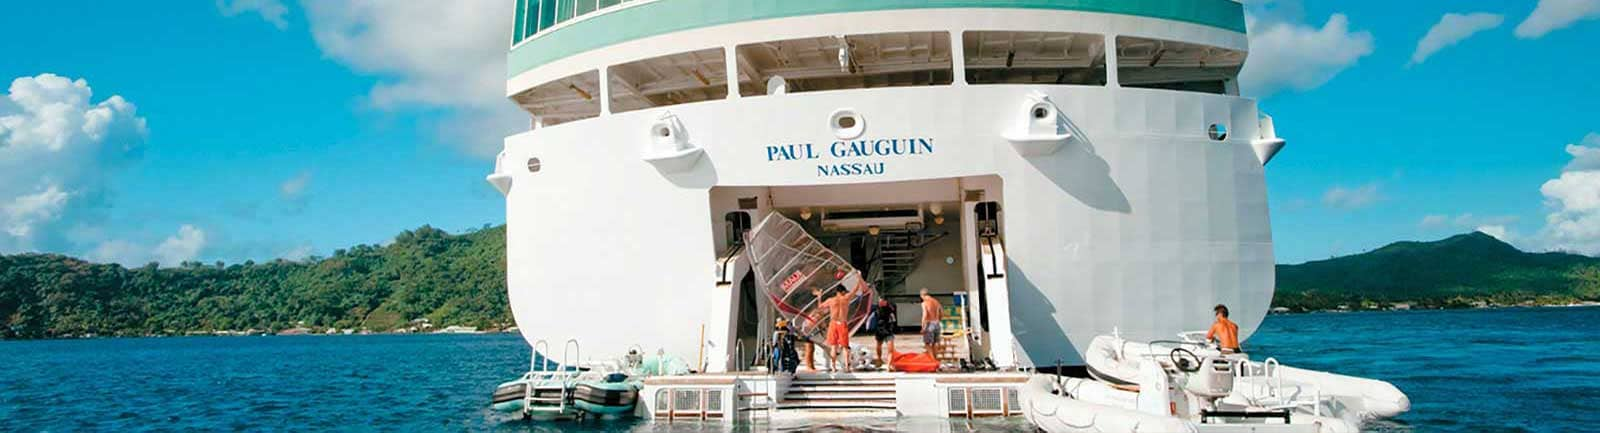 Crucerum Paul Gauguin Cruises